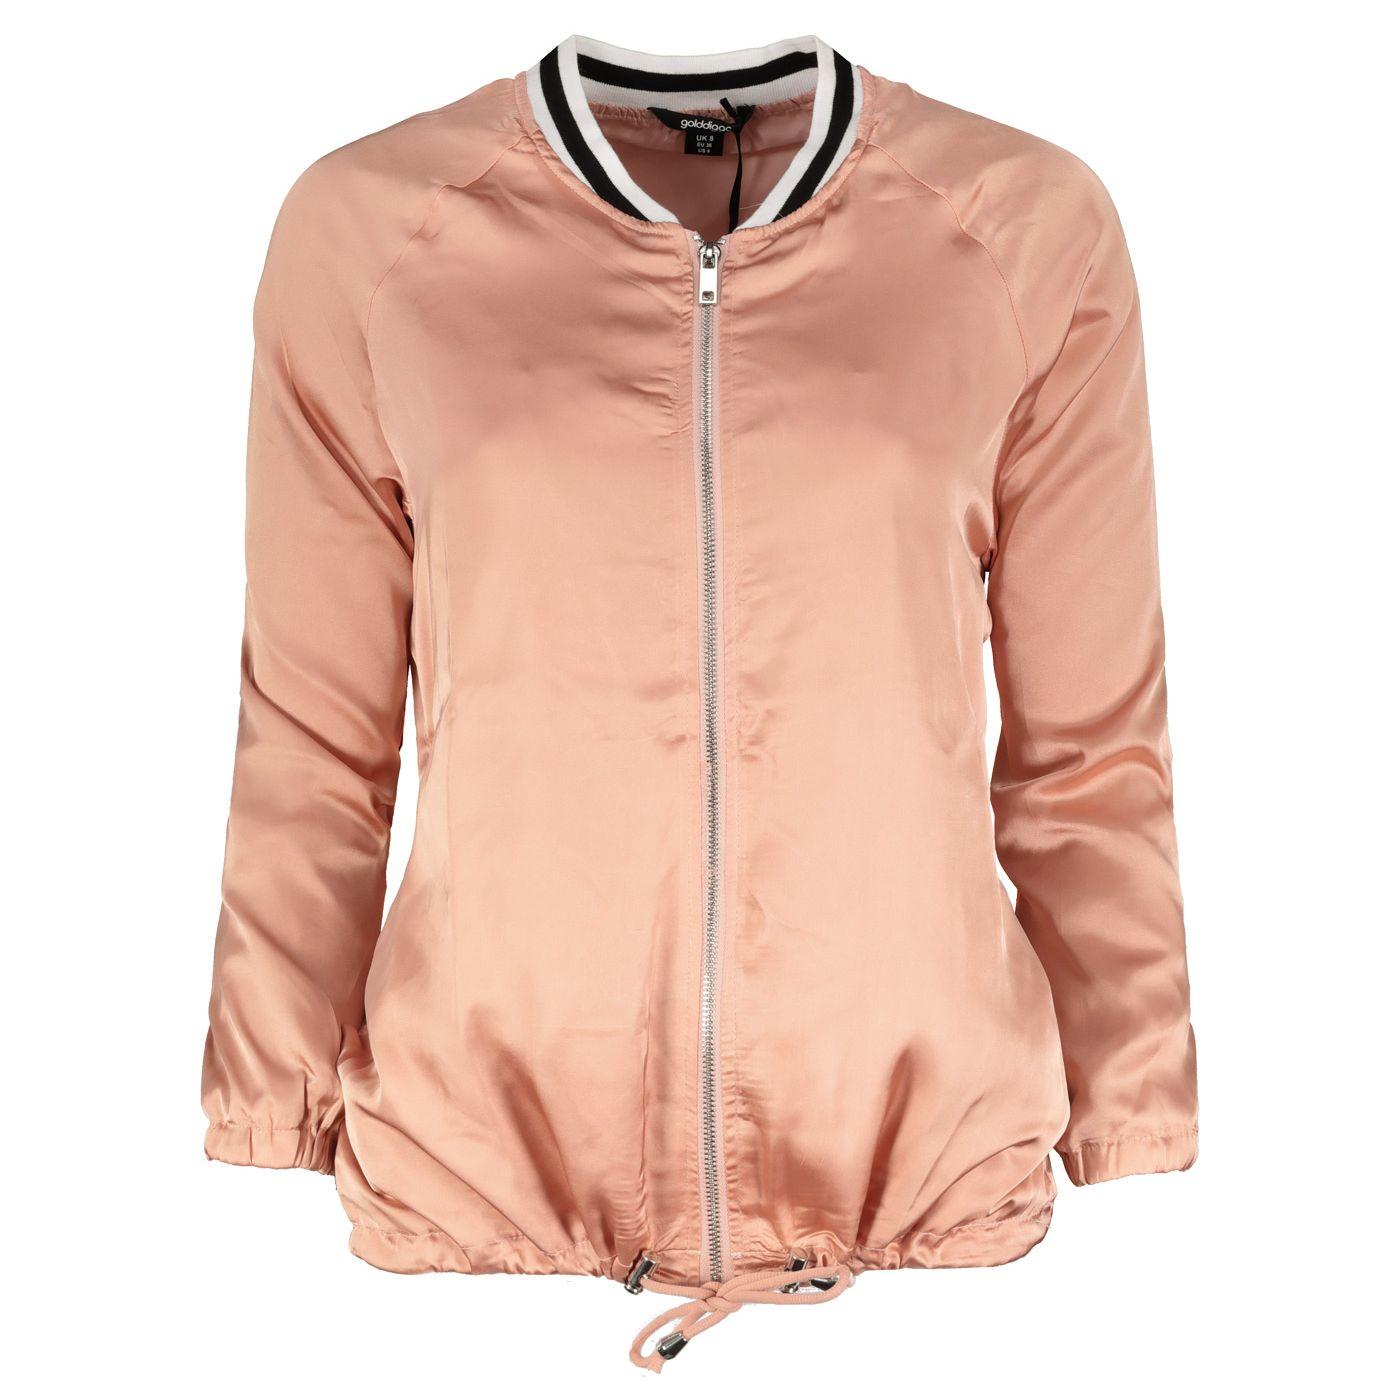 Women's jacket Golddigga Bomber Jacket